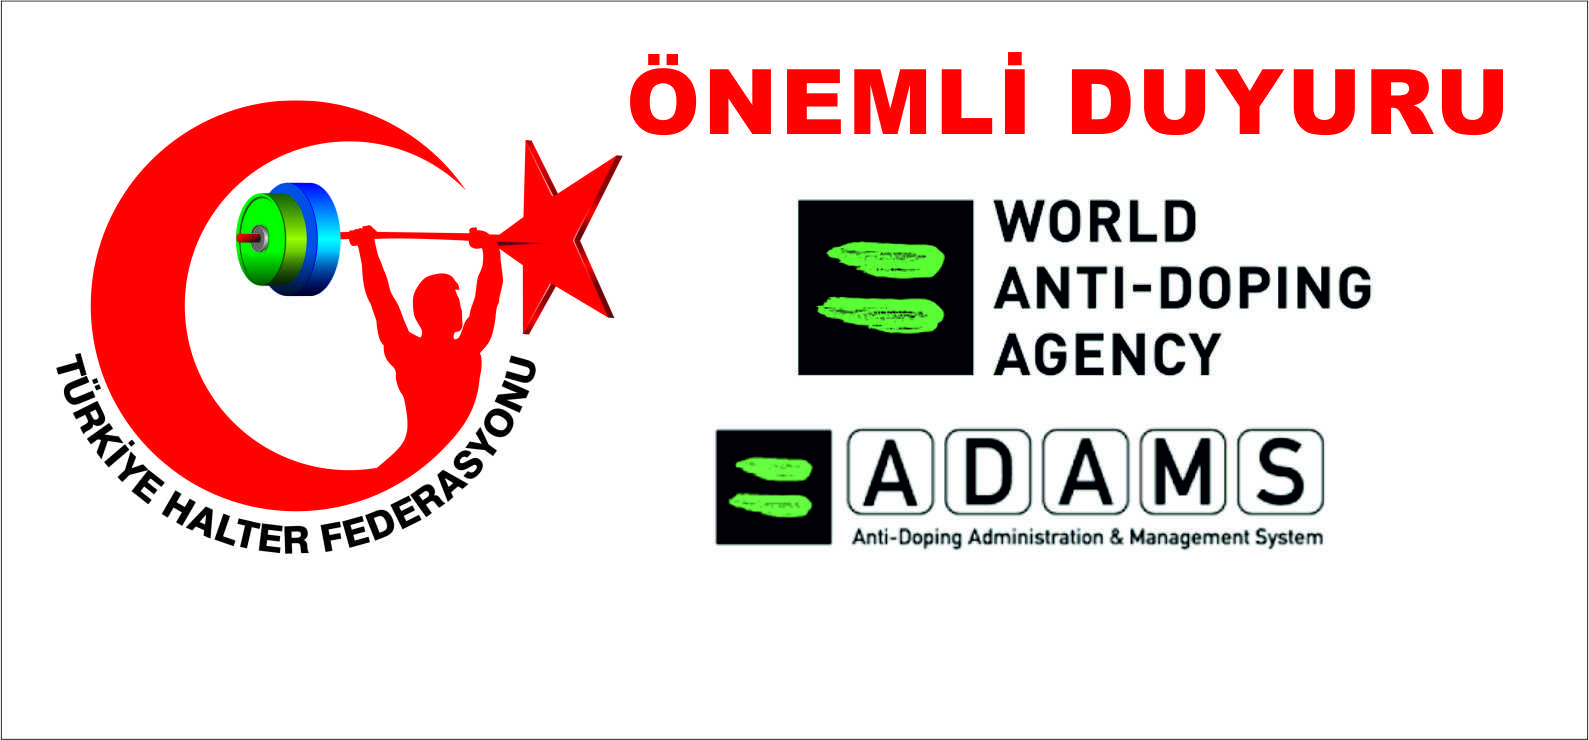 23 Mayıs Çarşamba günü Ankara ilinde IWF Anti-Doping eğitim semineri düzenlenecektir.